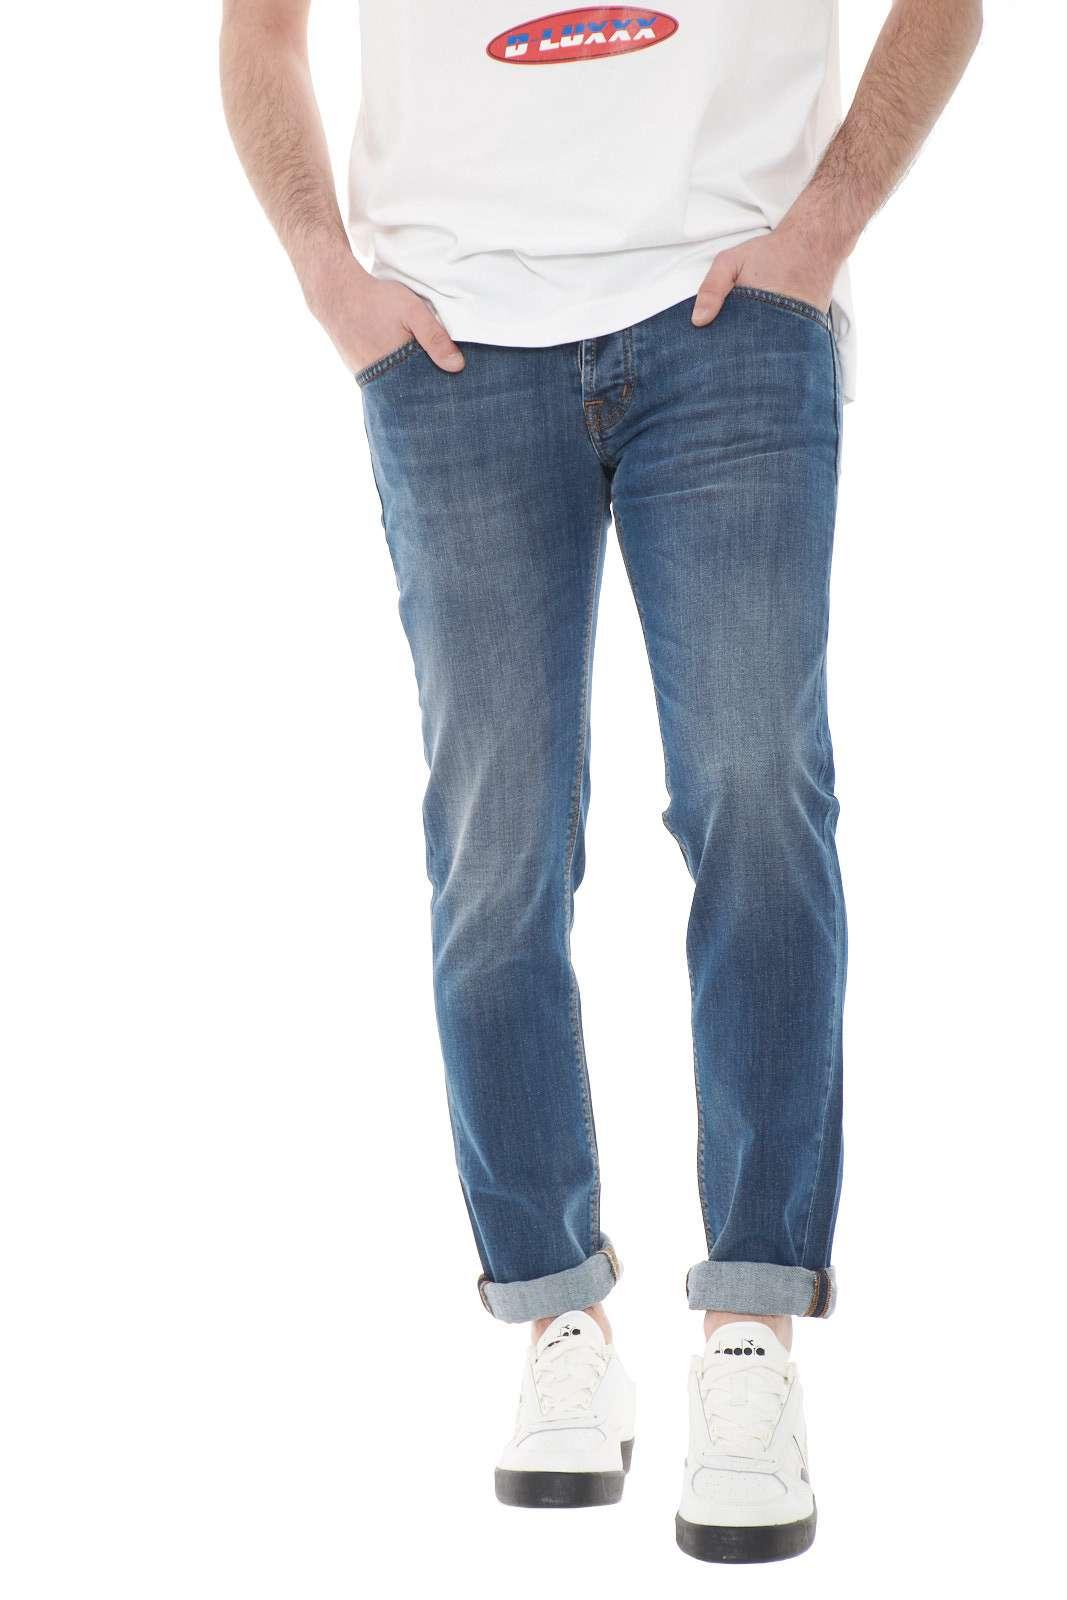 Un jeans classico firmato Michael Coal. Da indossare nei giorni lavorativi o nel tempo libero. Perfetto se abbinato ad una t shirt o una camicia.